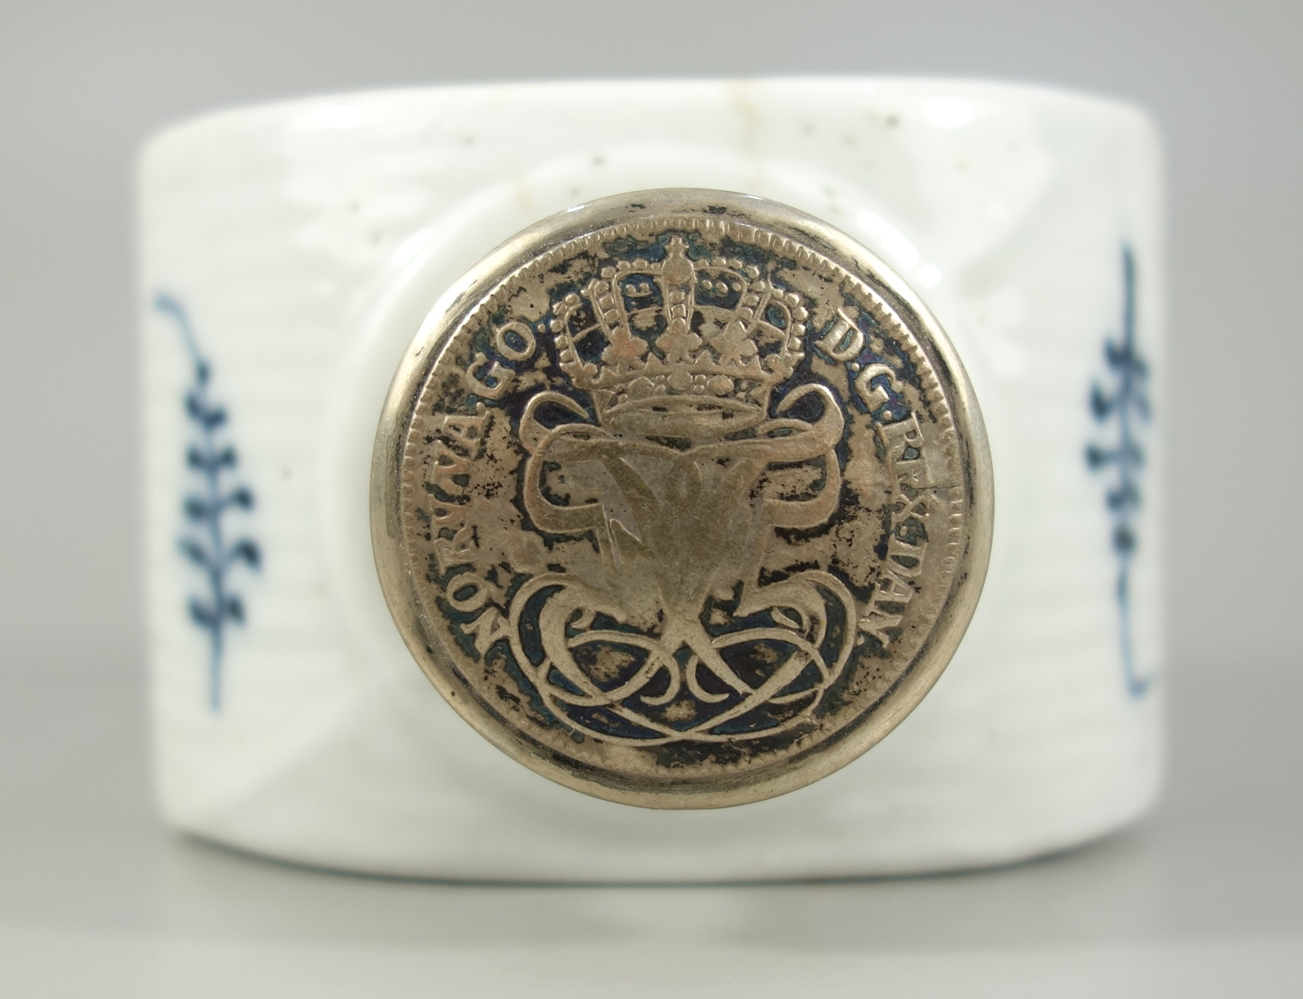 Teedose, 19.Jh., wohl Royal Copenhagen, Musselmalet gerippt, H.11,5cm, 830er Silberverschluss mit - Bild 2 aus 3